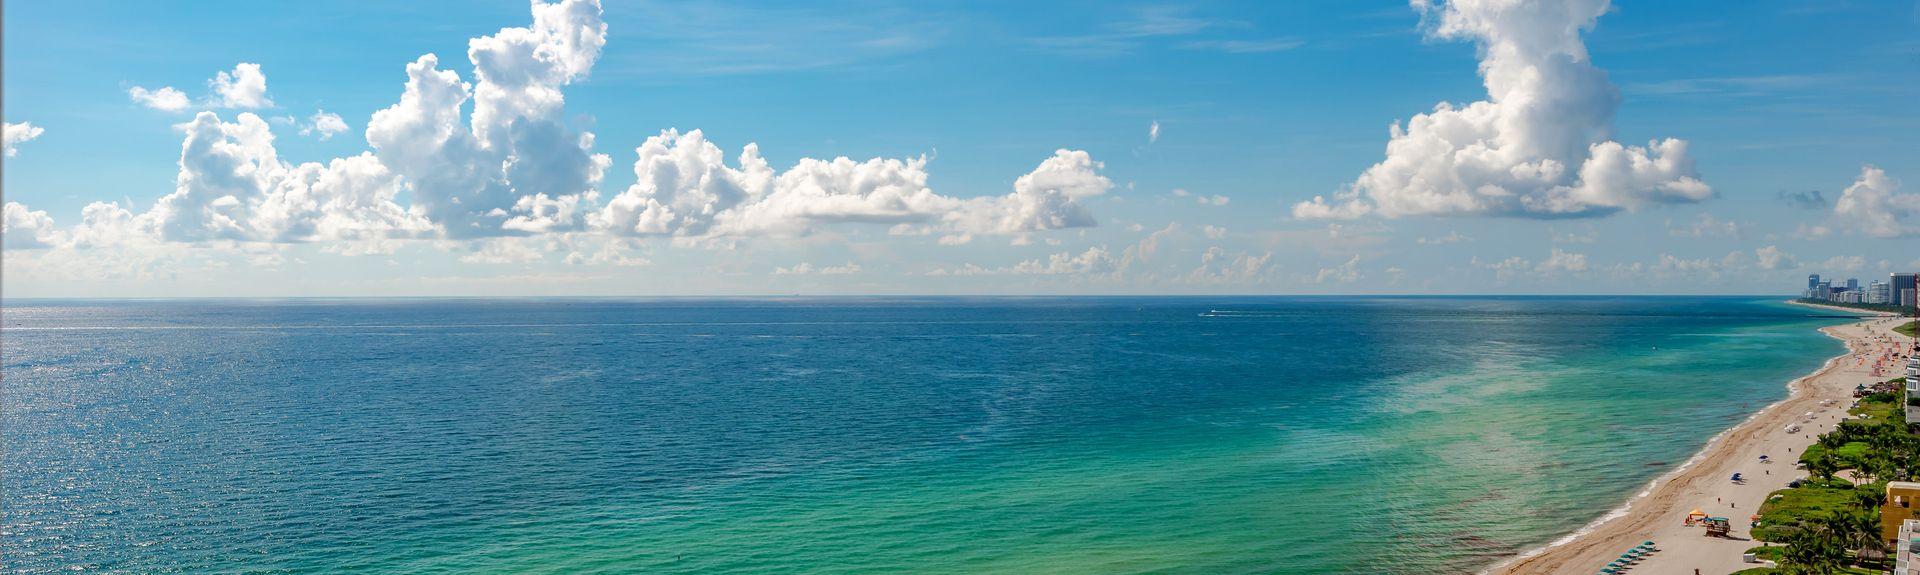 La Perla (Sunny Isles Beach, Florida, Estados Unidos)